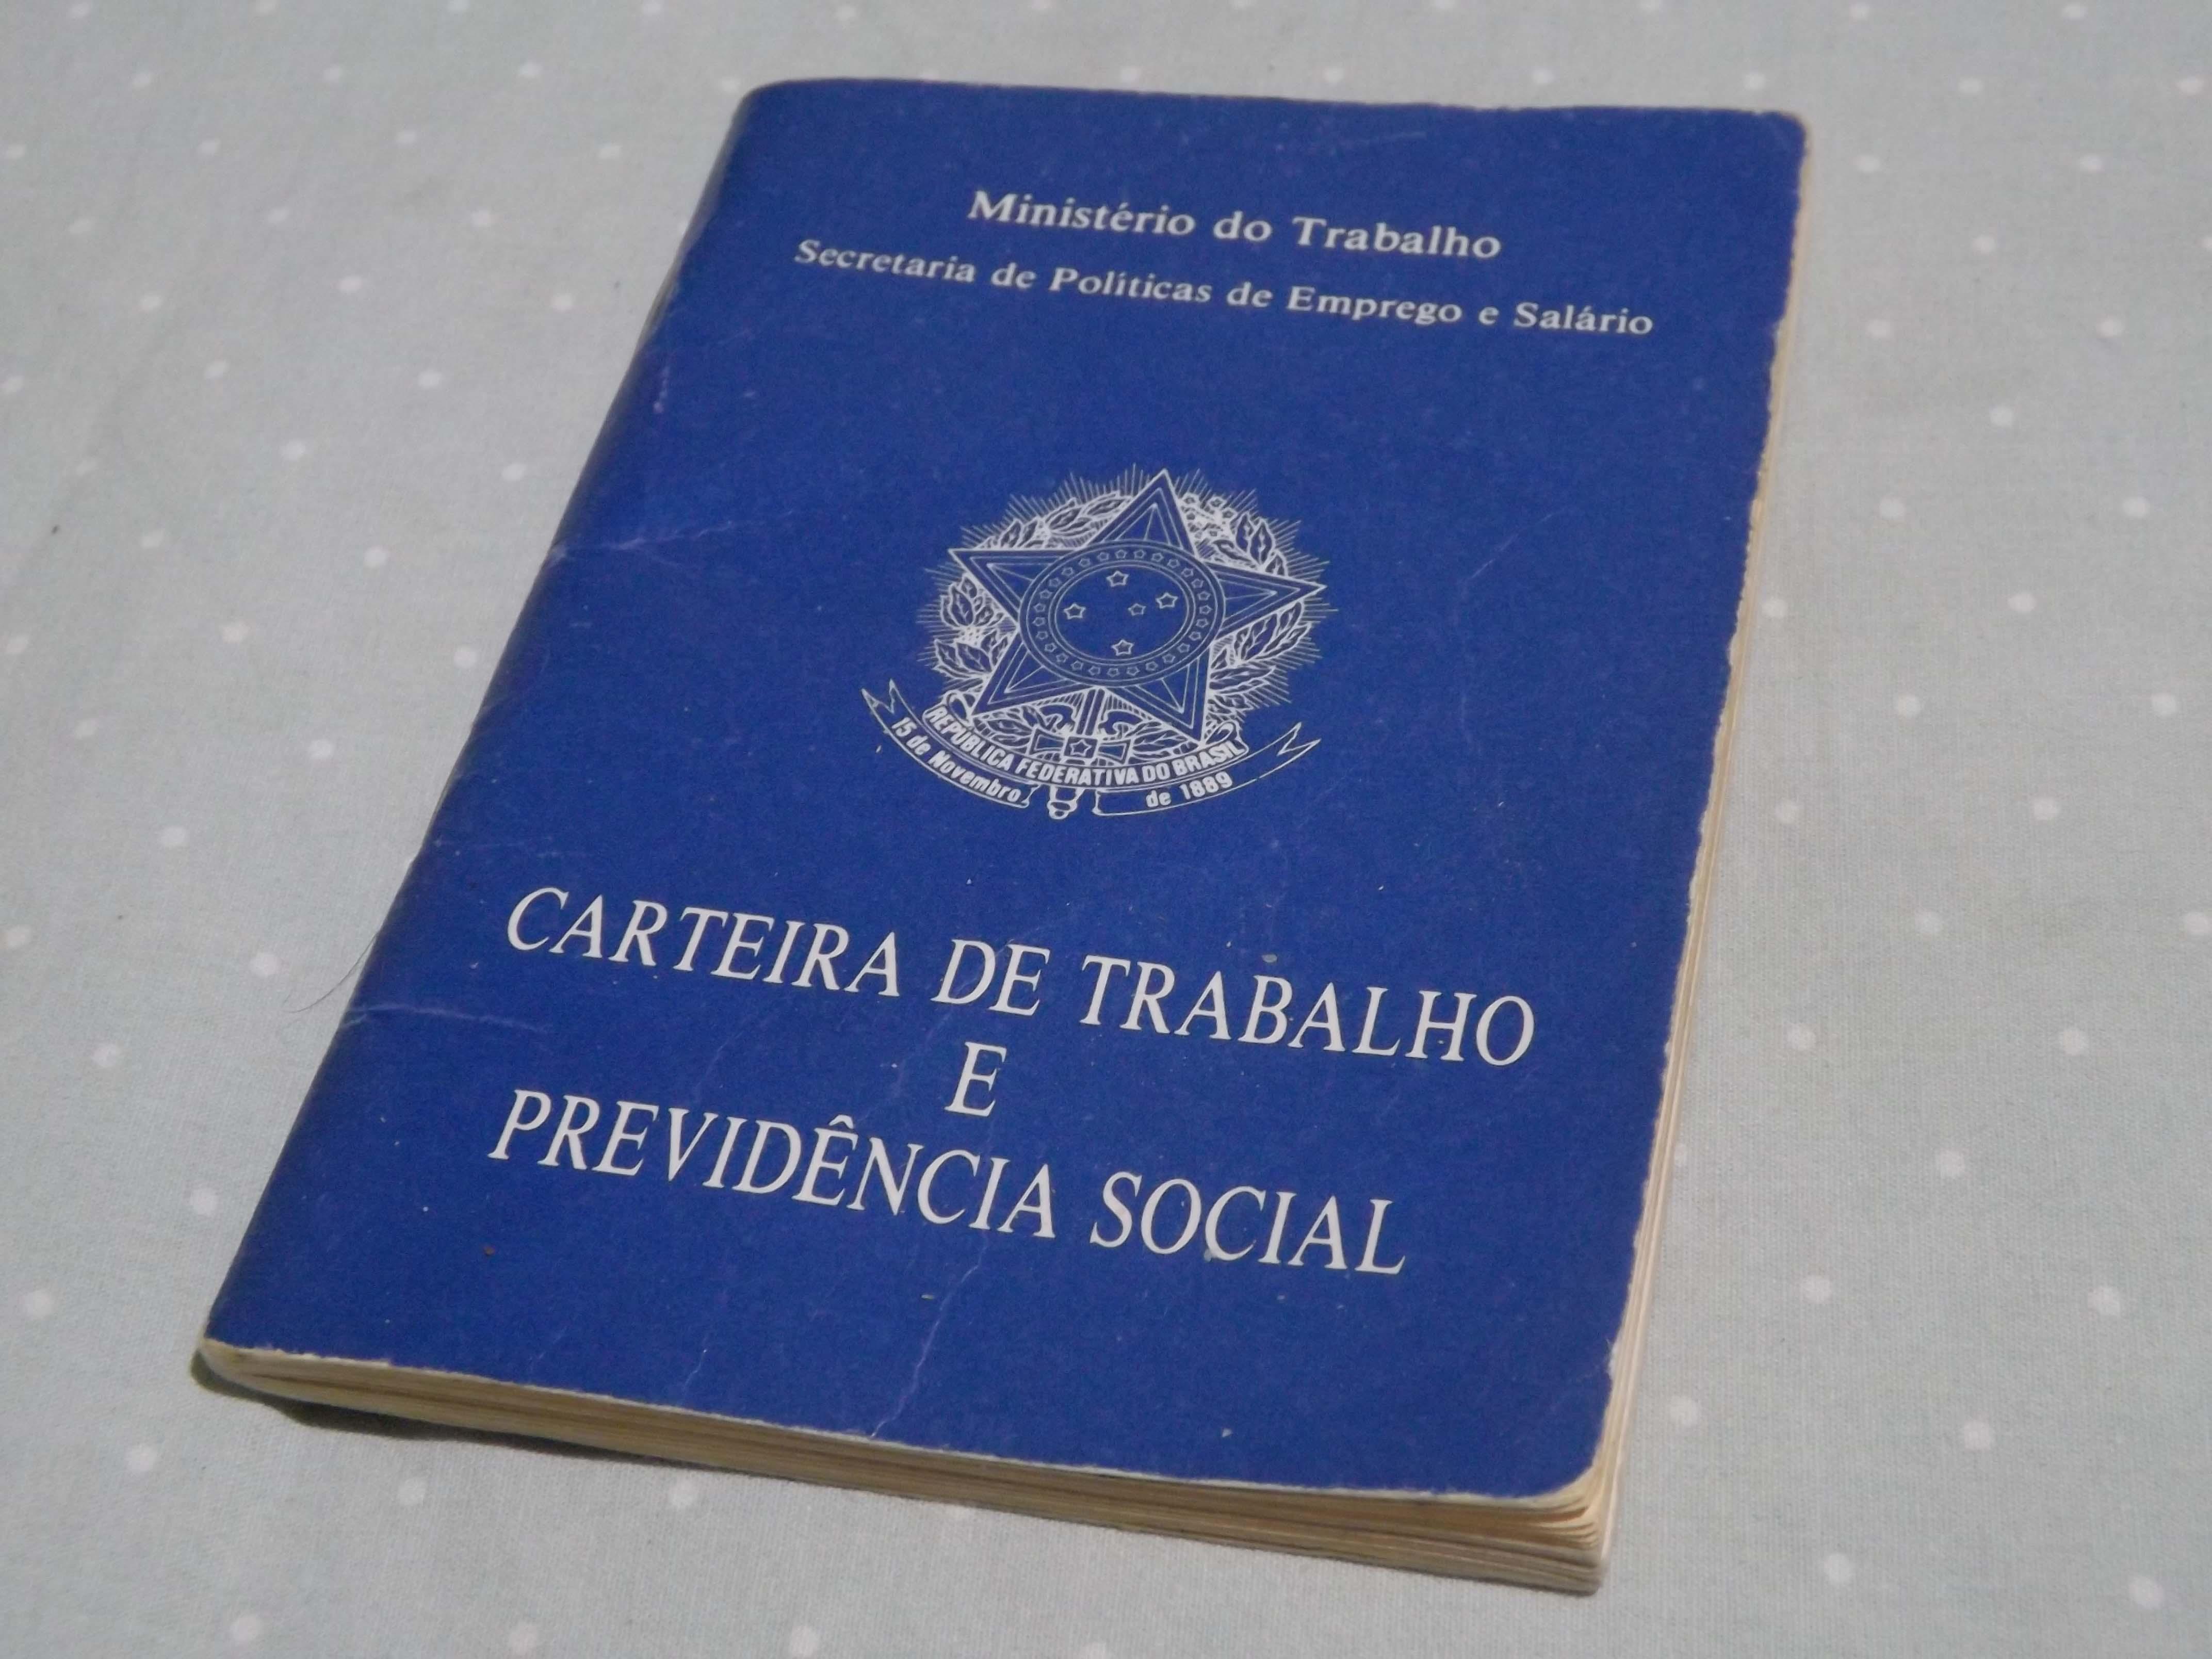 Problemas trabalhistas serão tema da Minascon 2016